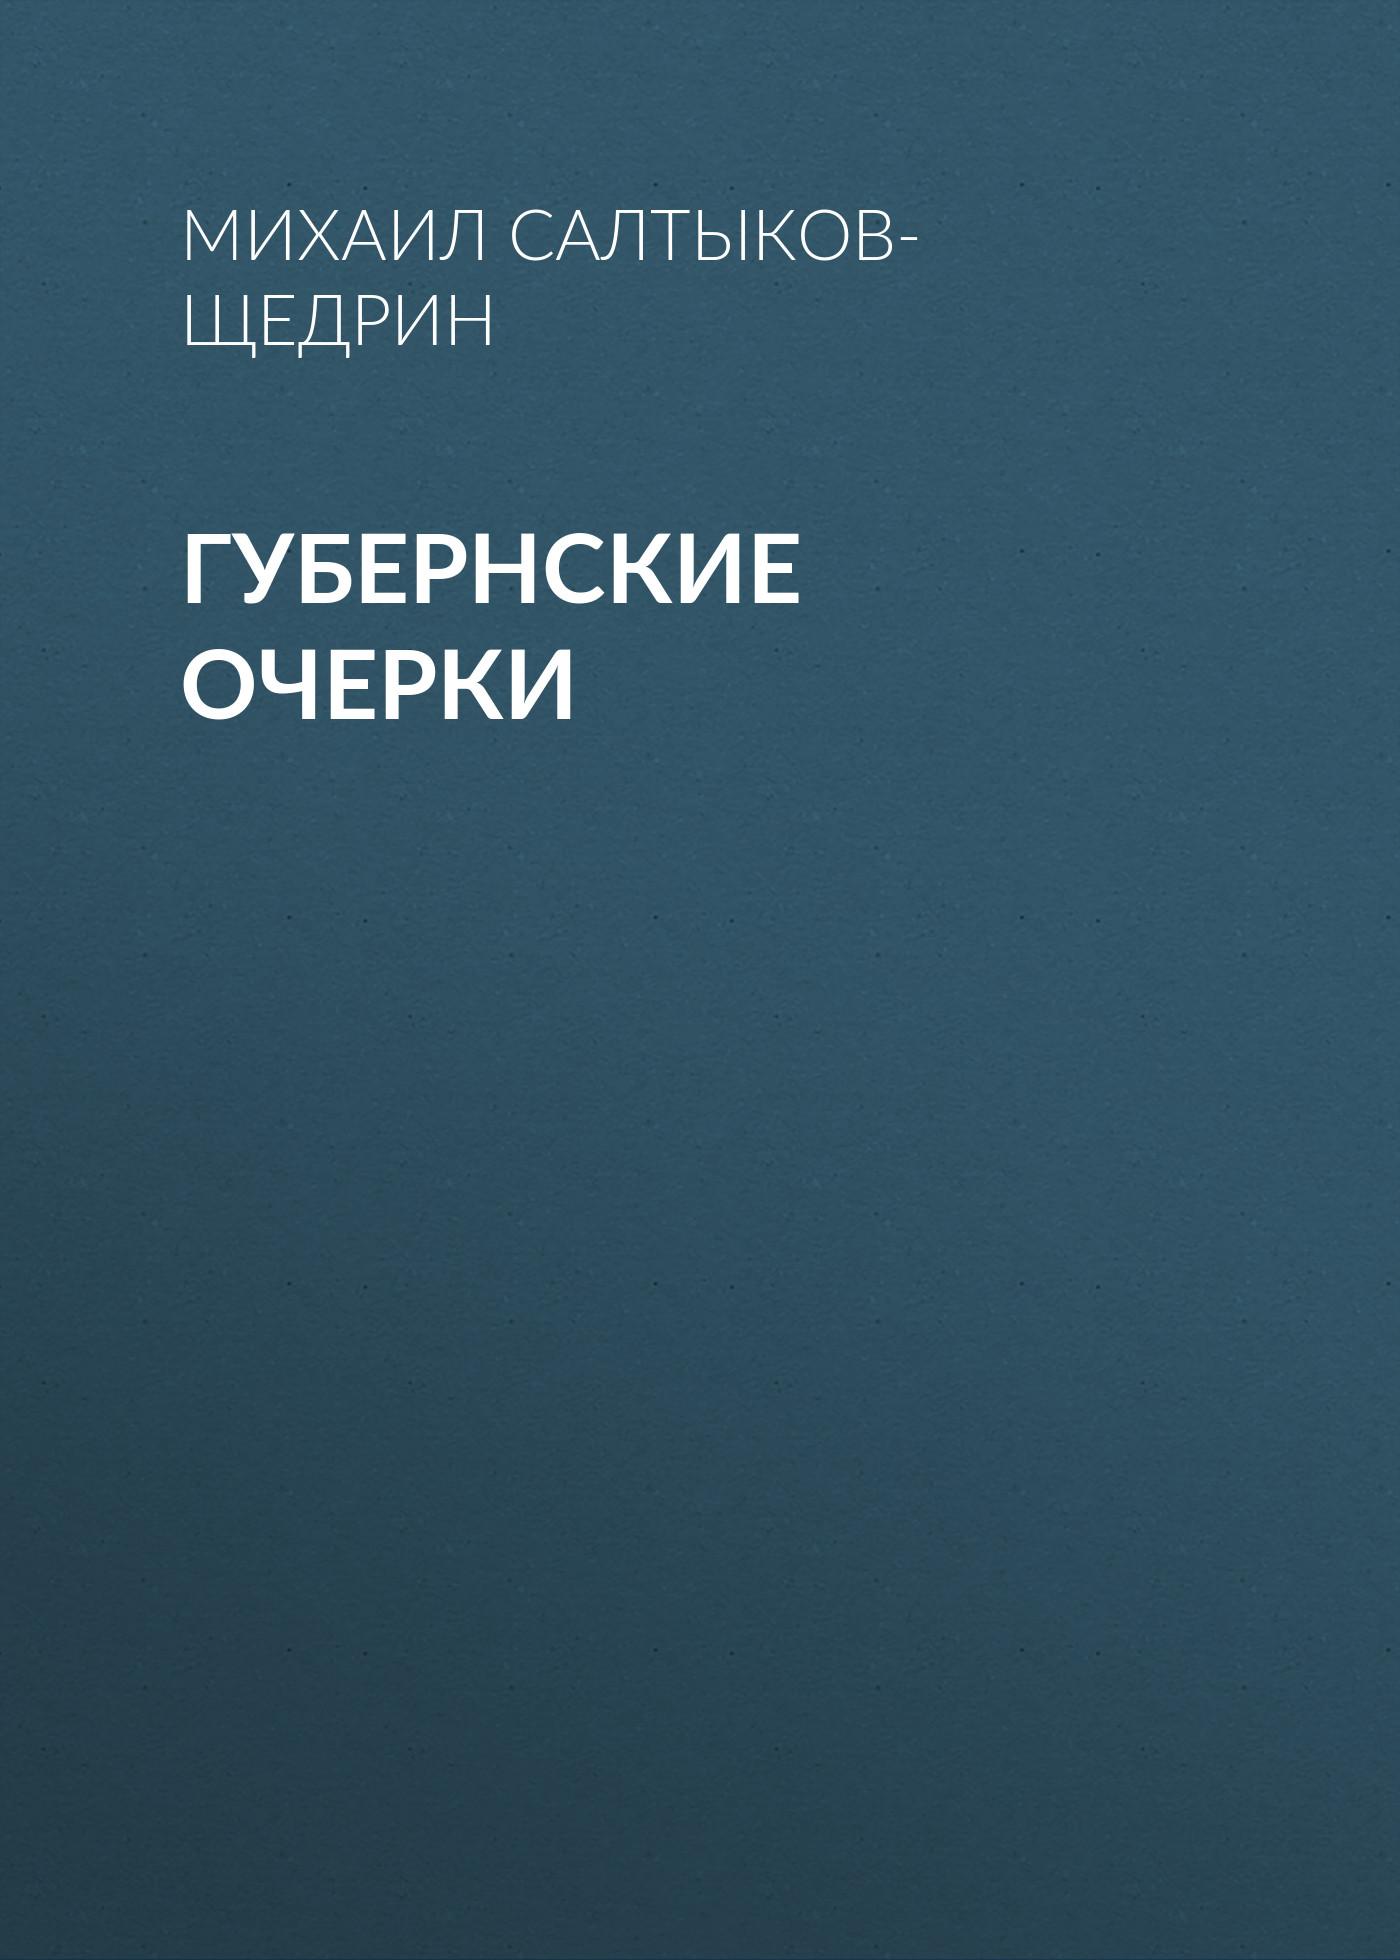 Купить книгу Губернские очерки, автора Михаила Евграфовича Салтыкова-Щедрина